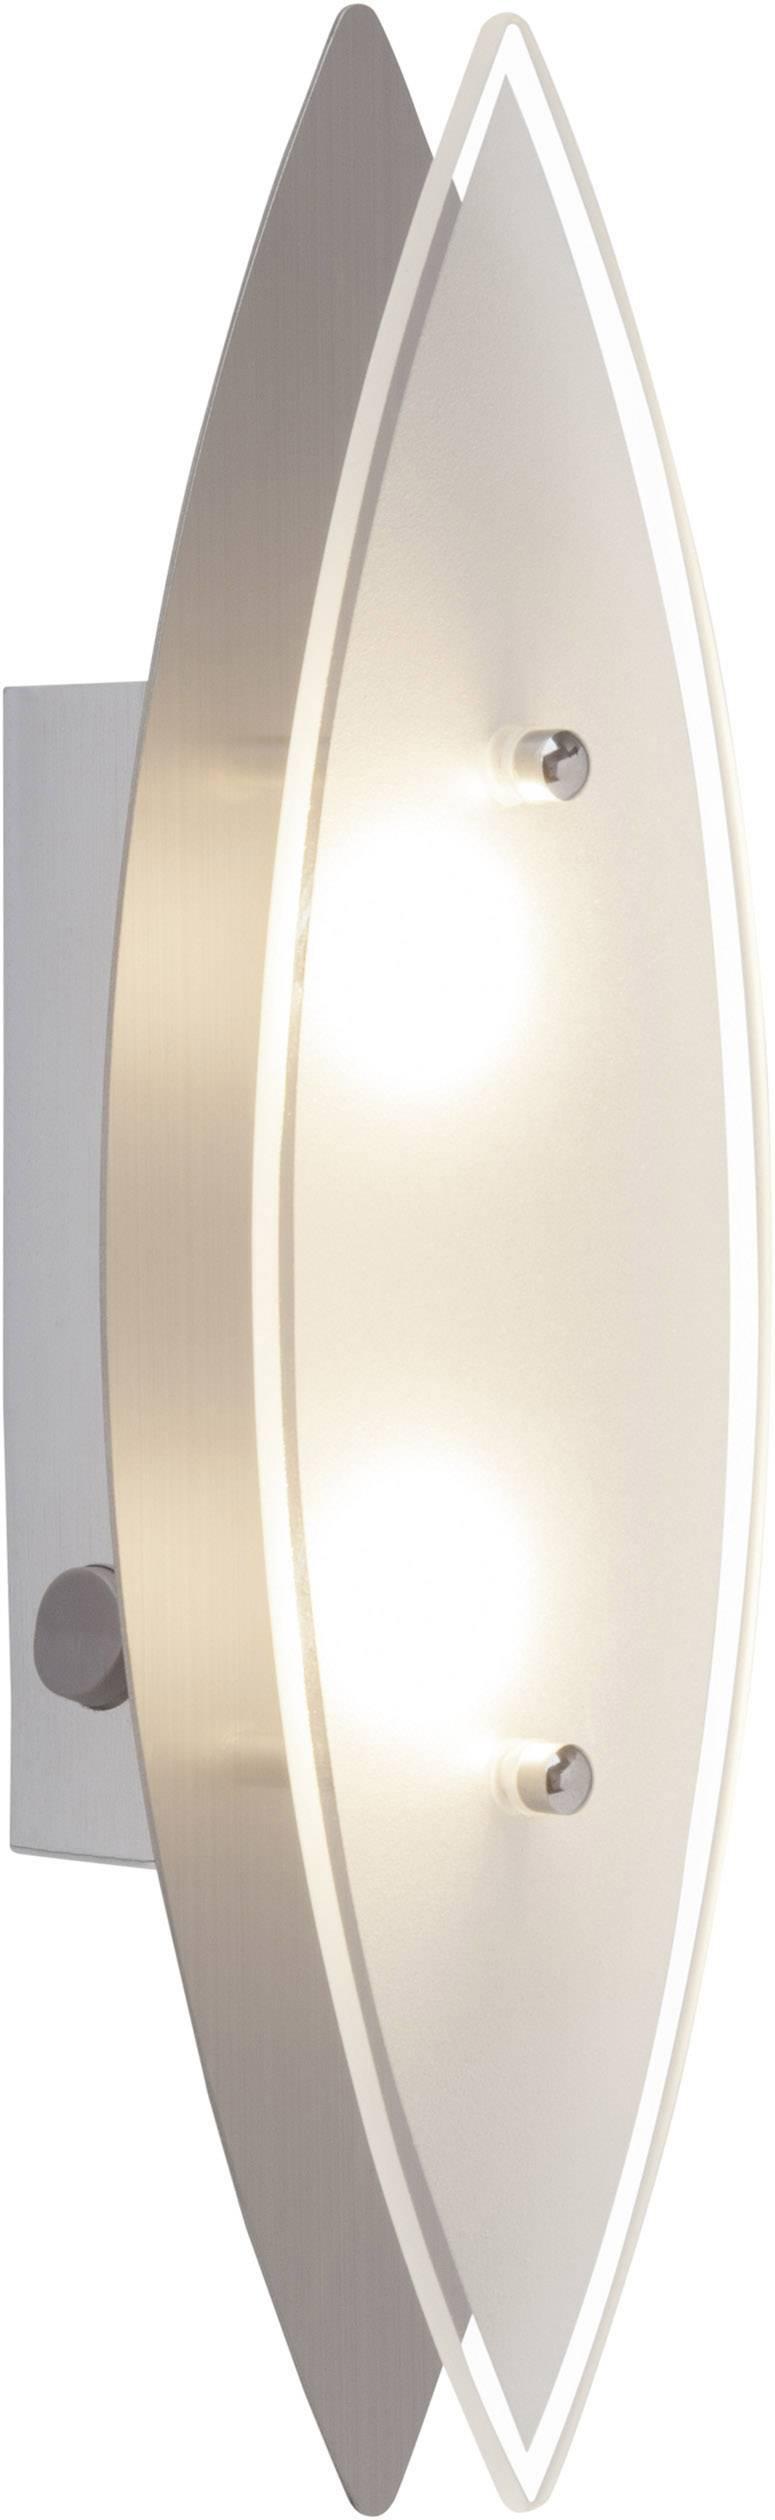 LED nástenné svetlo Brilliant ovalna G94327/13, 6 W, teplá biela, chróm